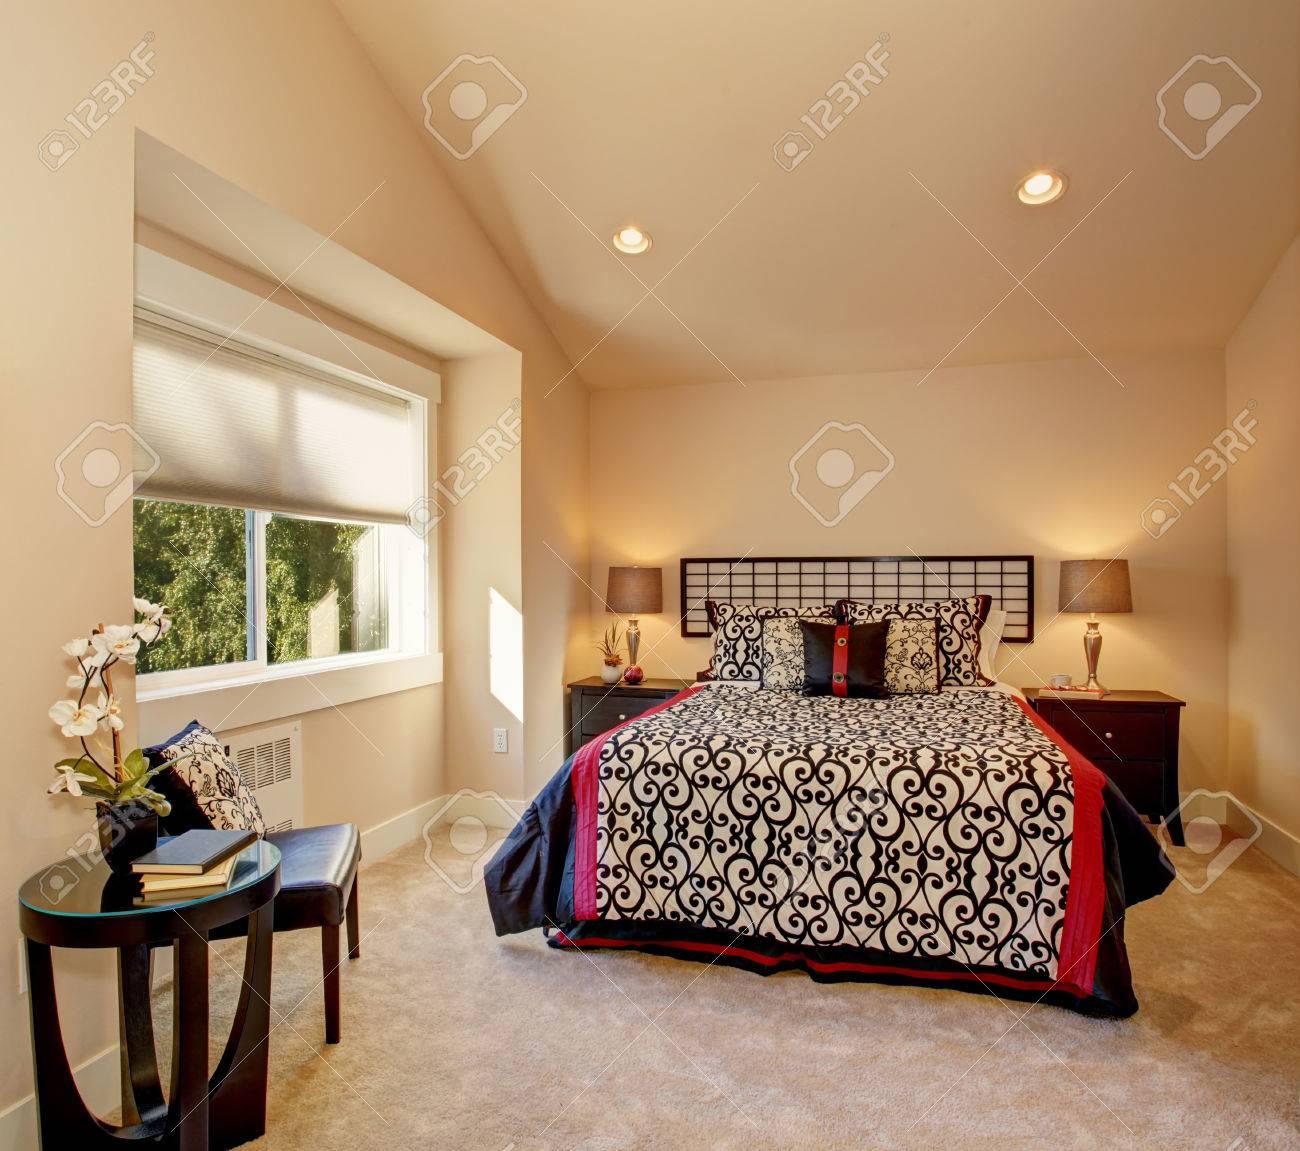 Full Size of Japanisches Bett Warme Schlafzimmer Mit Hohen Günstiges Zum Ausziehen 180x200 Bette Floor 200x200 Paradies Betten Stabiles 90x200 Lattenrost Und Matratze Ohne Bett Japanisches Bett